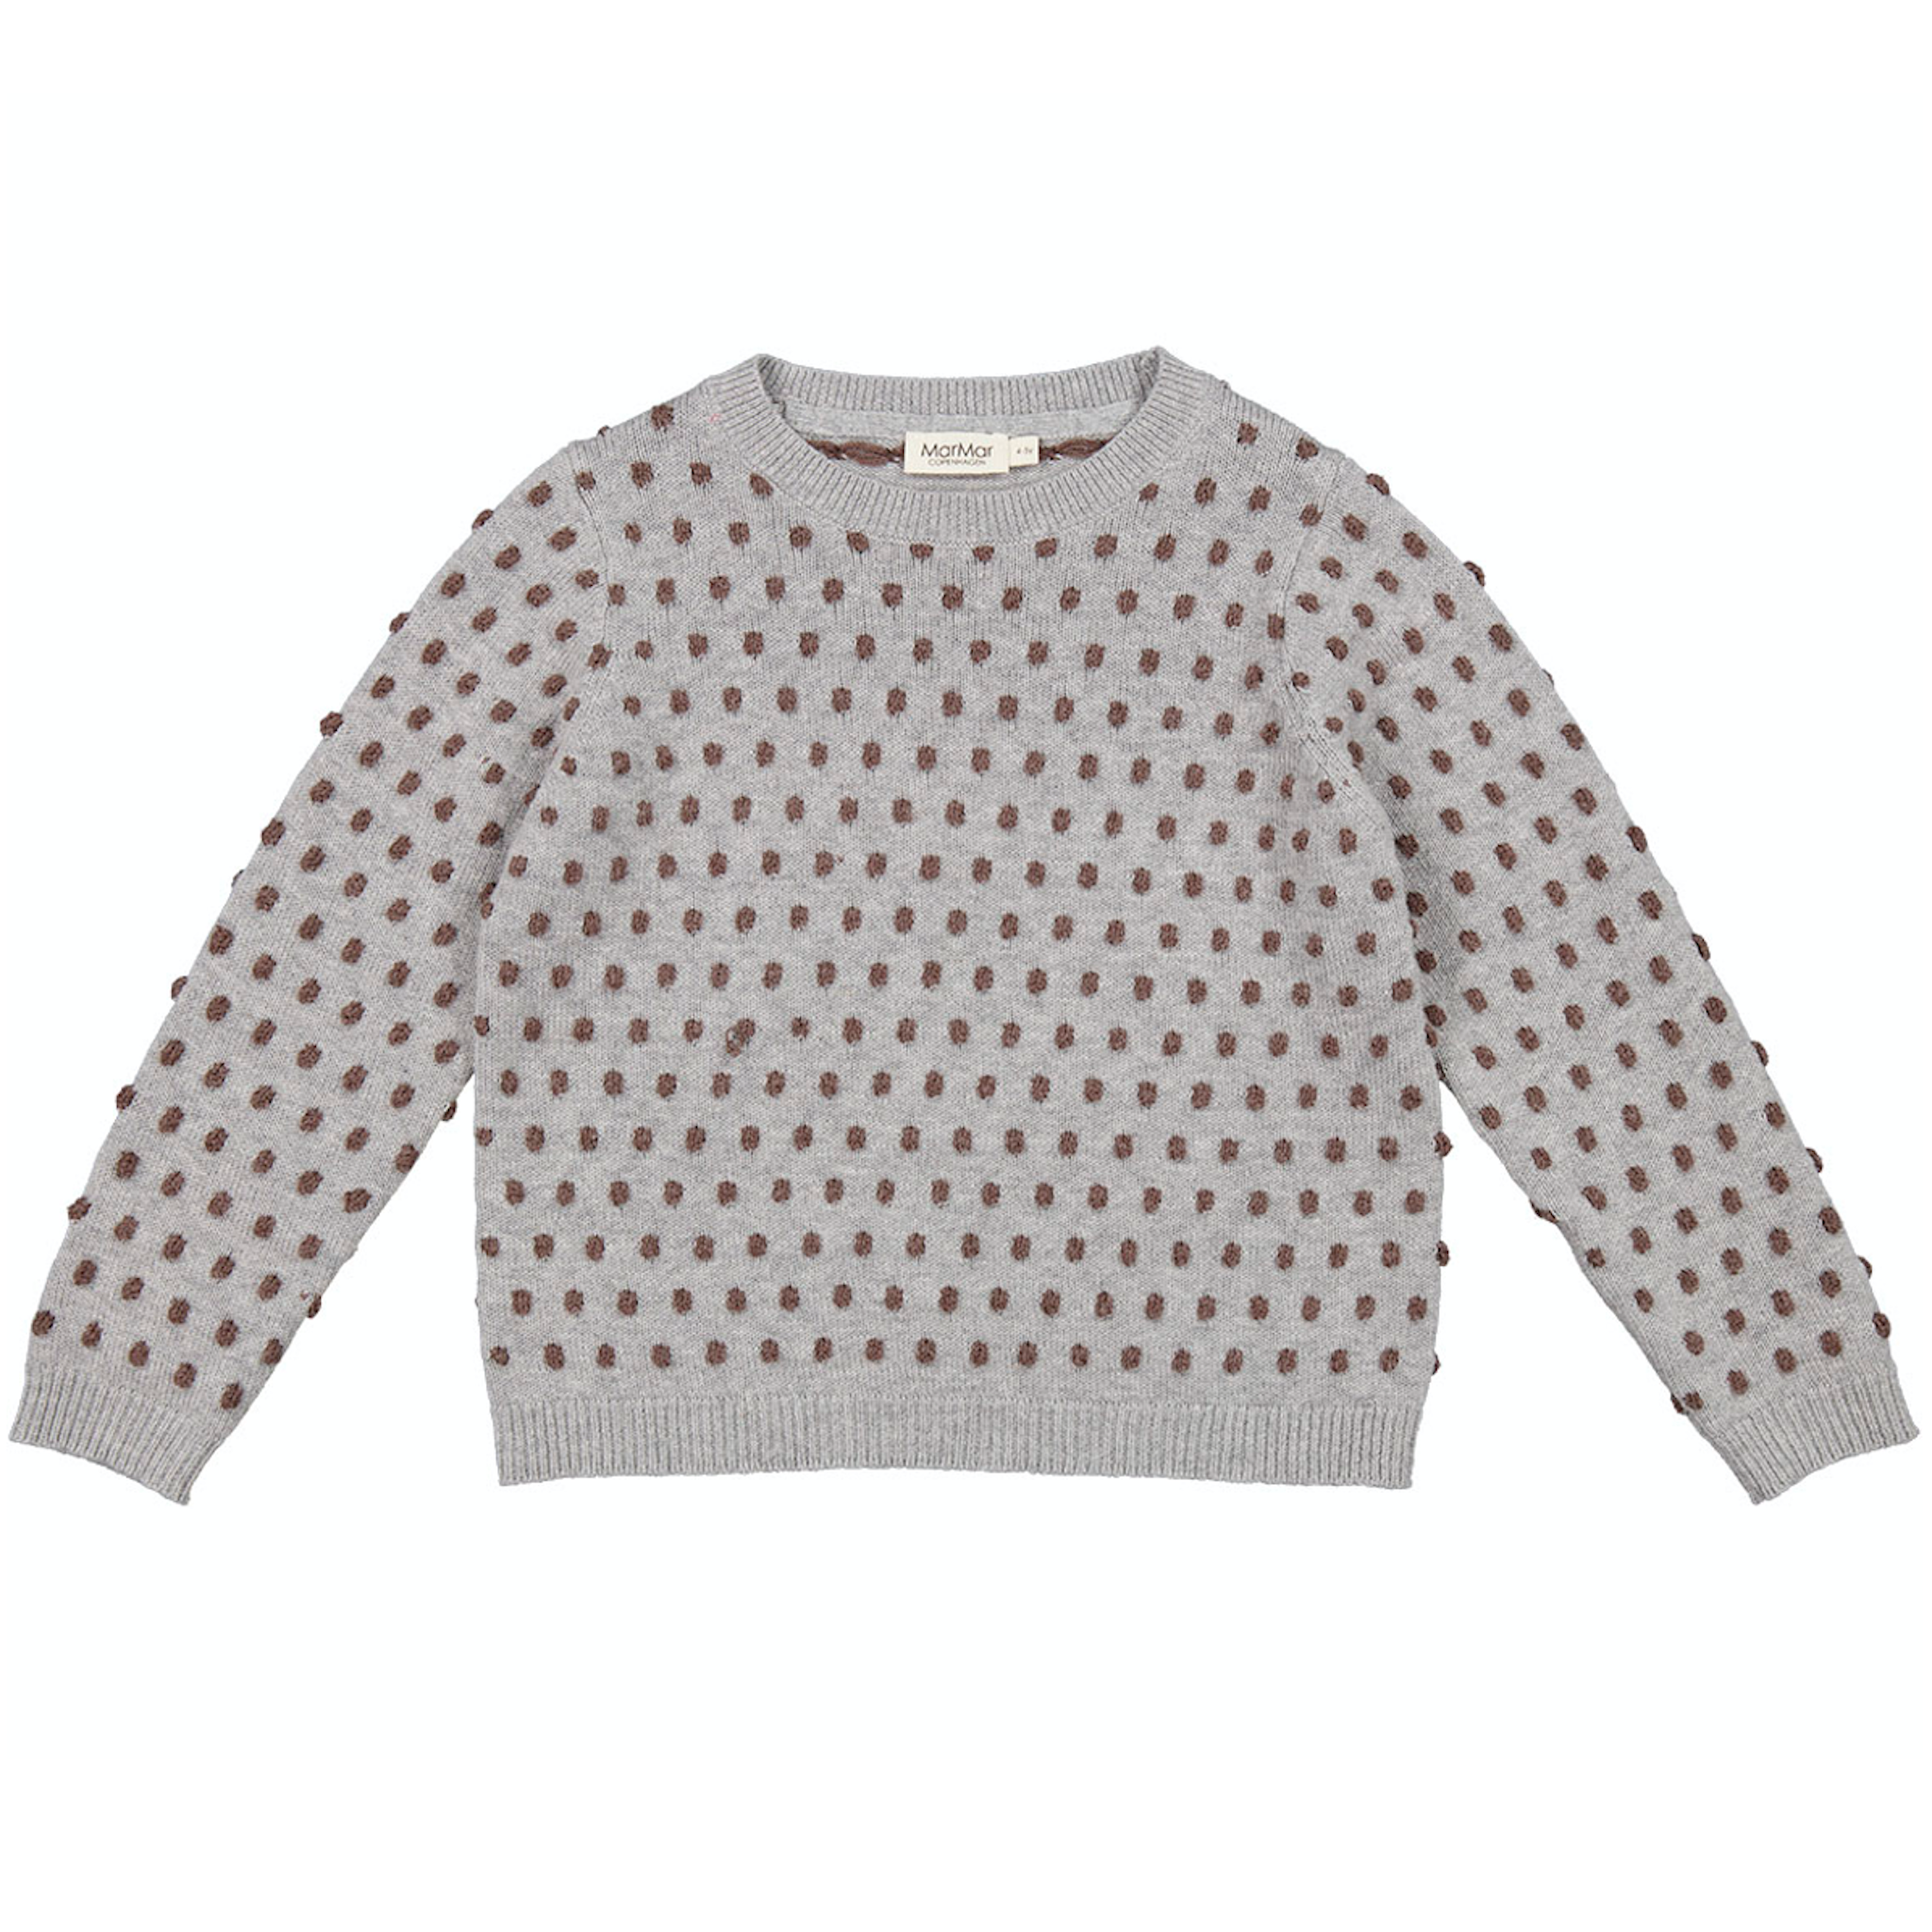 MarMar - Tano Sweater - wood dot